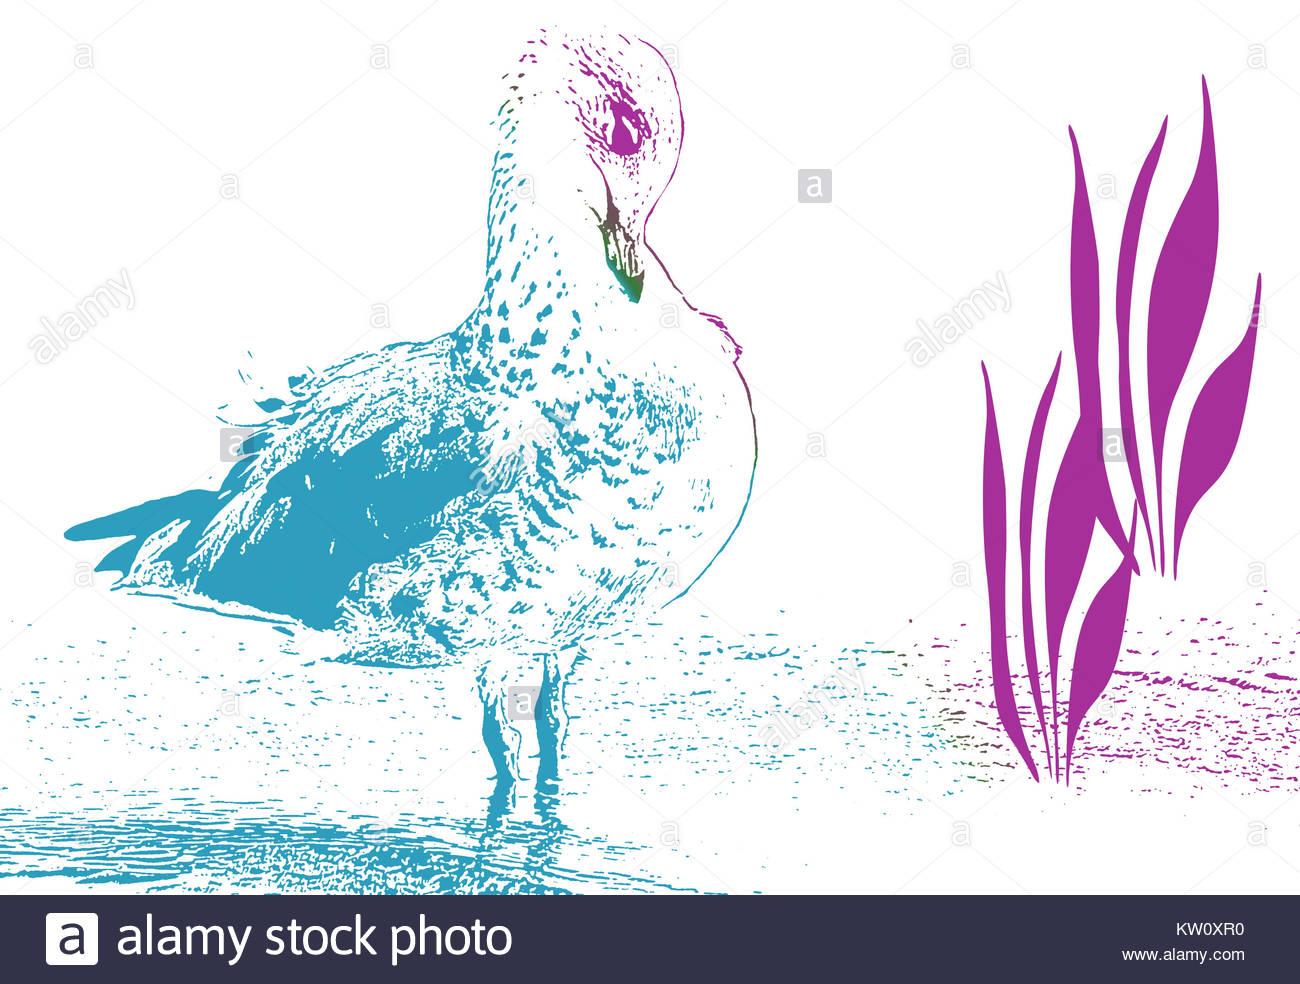 1300x984 Bird Line Drawing Stock Photos Amp Bird Line Drawing Stock Images